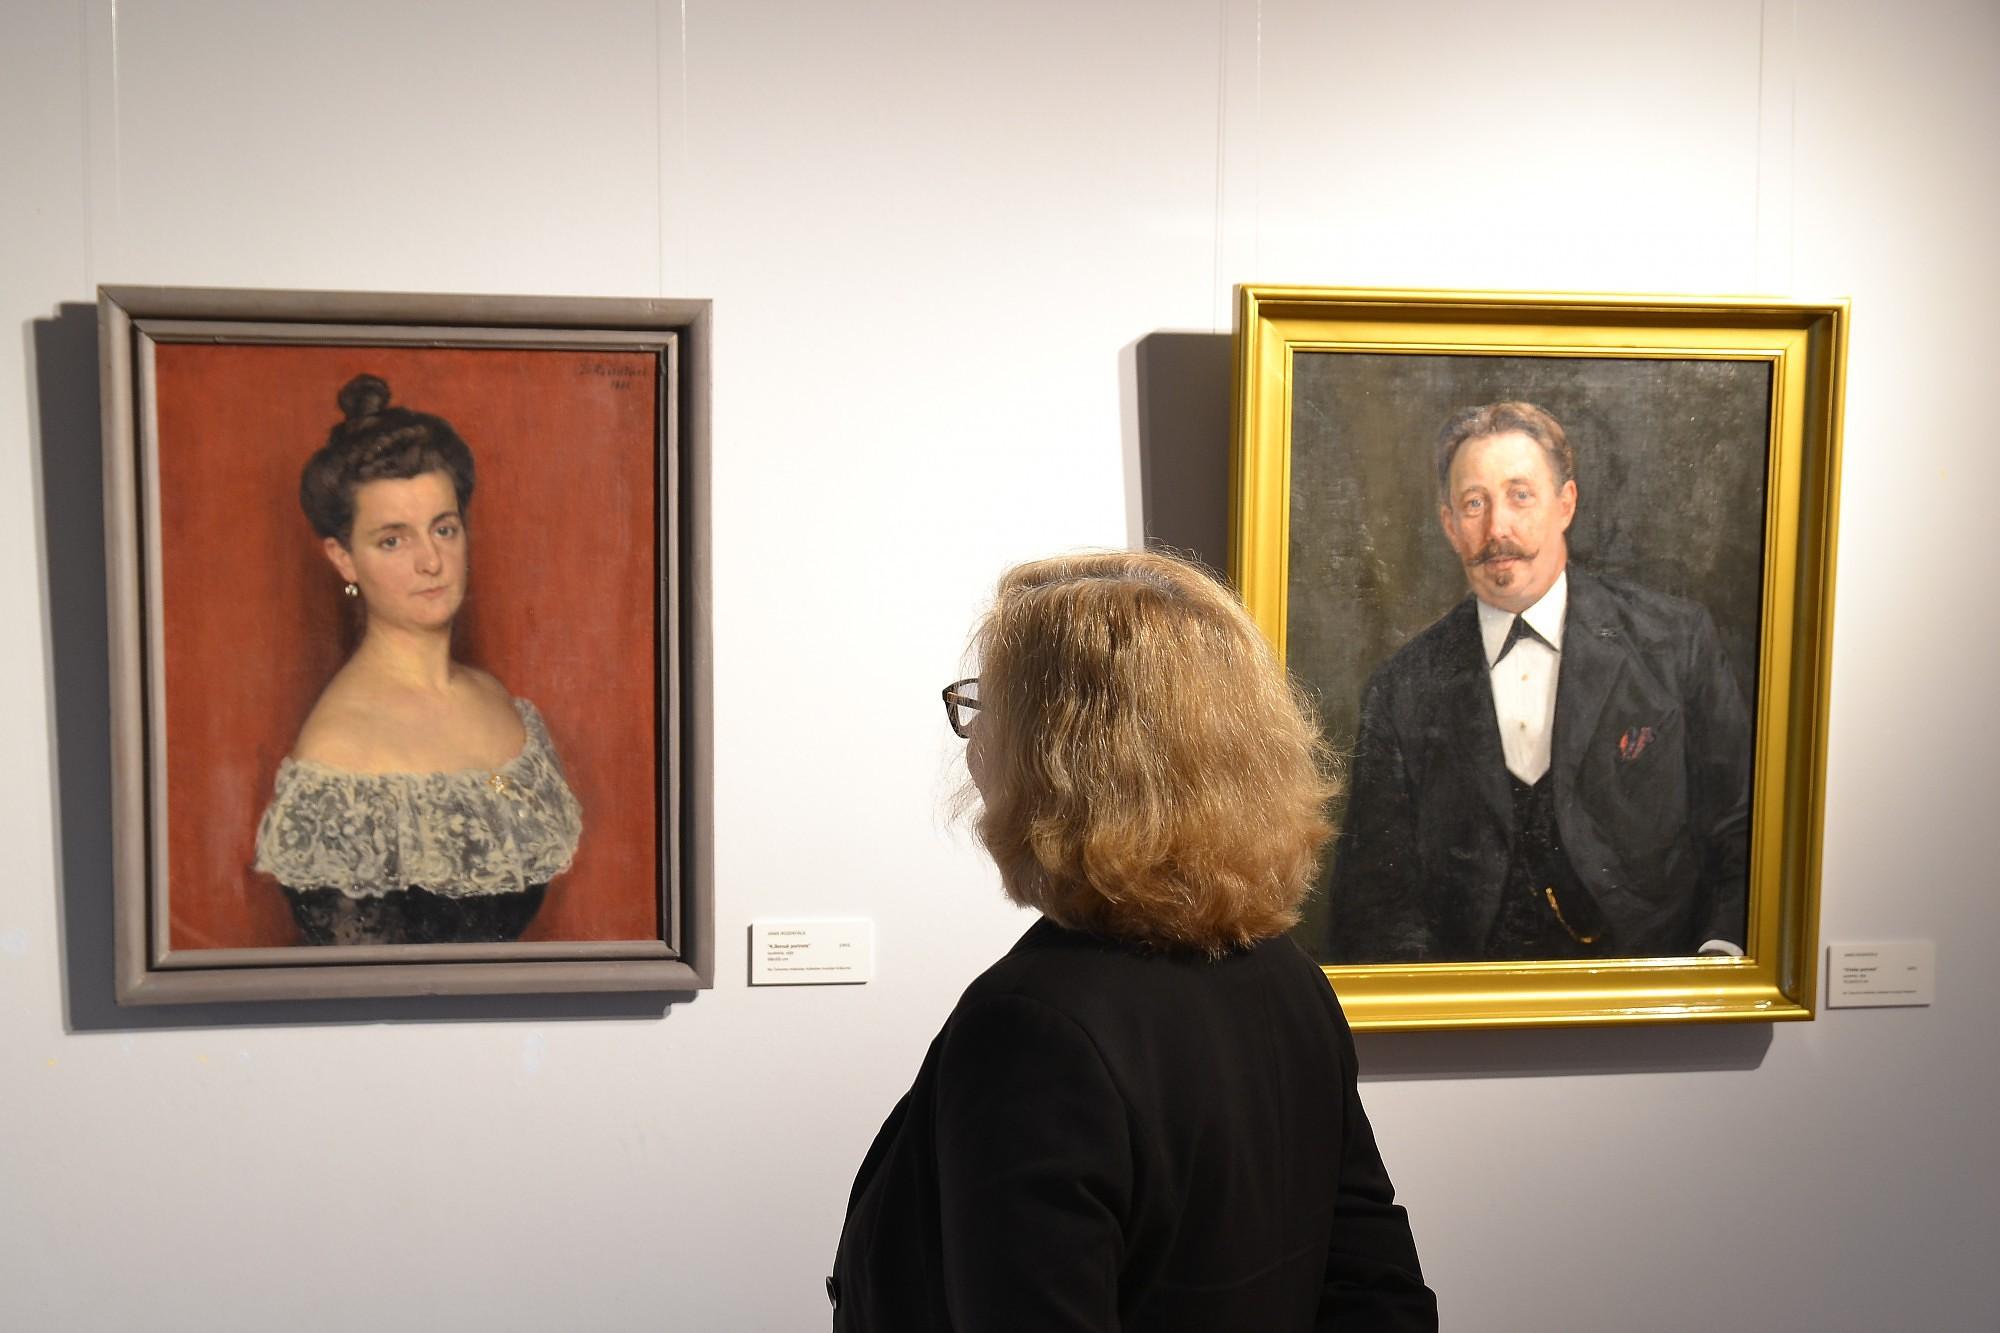 Izstādē apskatāms aiz dēļu sienas atrasts Jaņa Rozentāla pašportrets